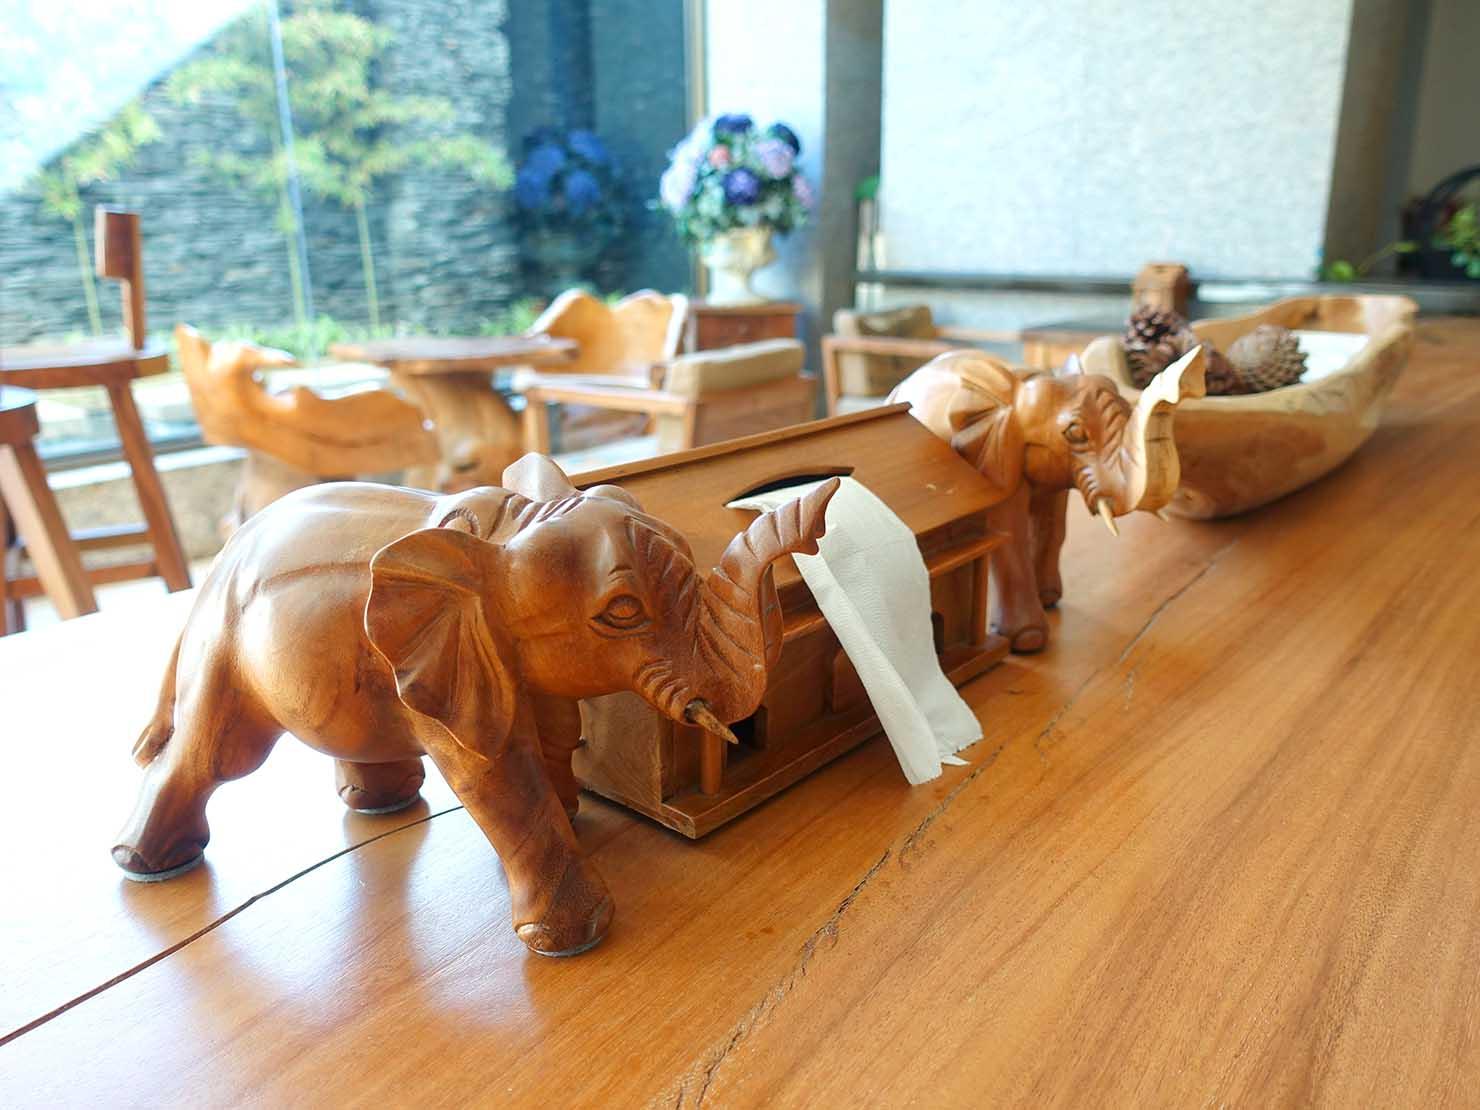 花蓮市街中心部にあるホテル「馥麗生活旅店 Quality Inn」のロビーに飾られた象の置物